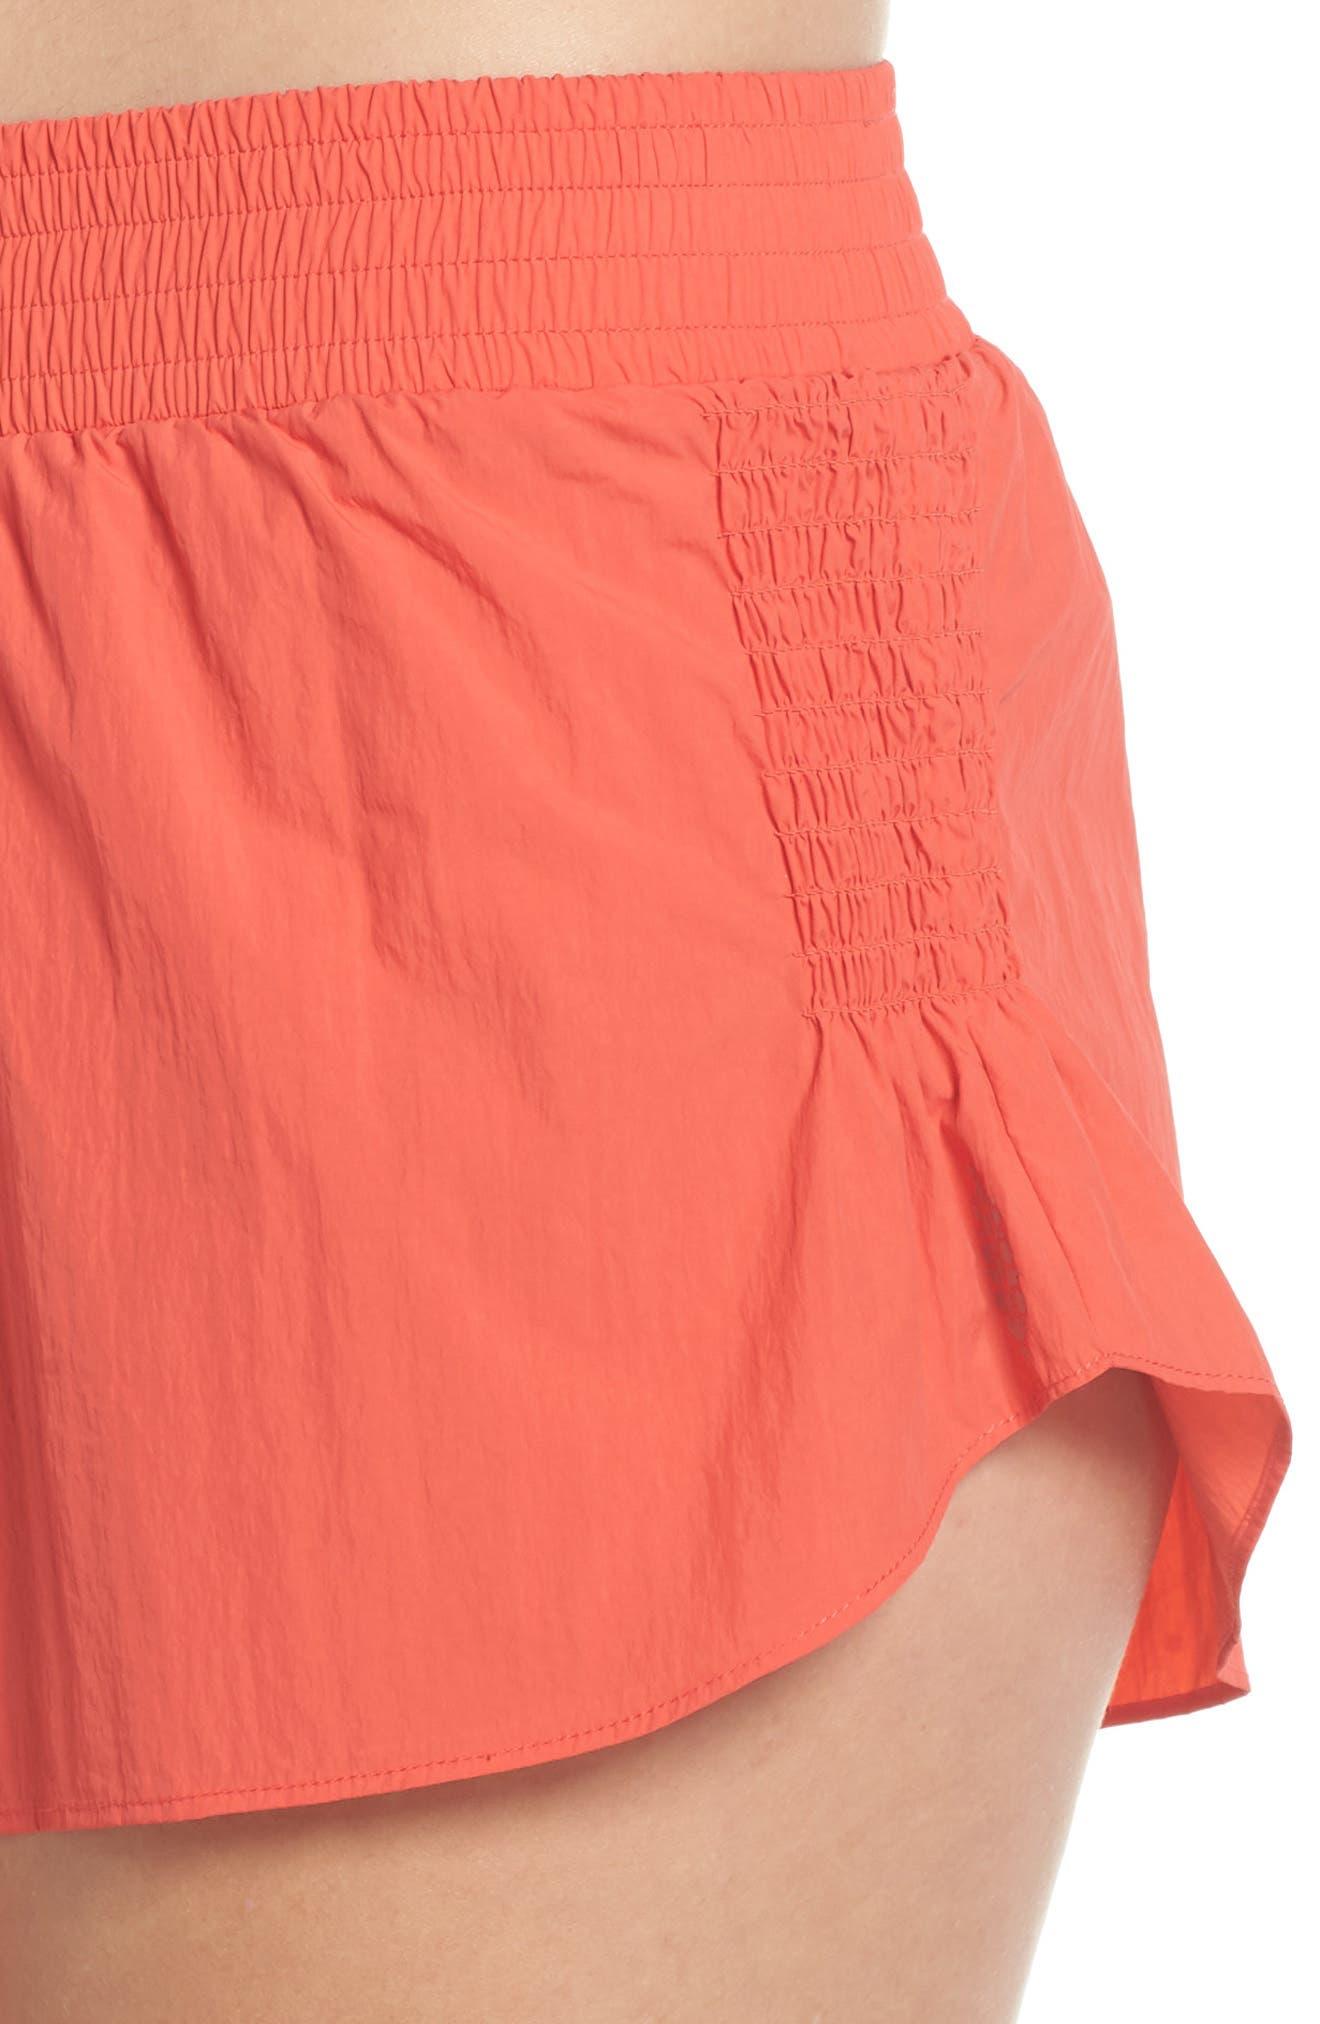 Fuji Shorts,                             Alternate thumbnail 4, color,                             Coral